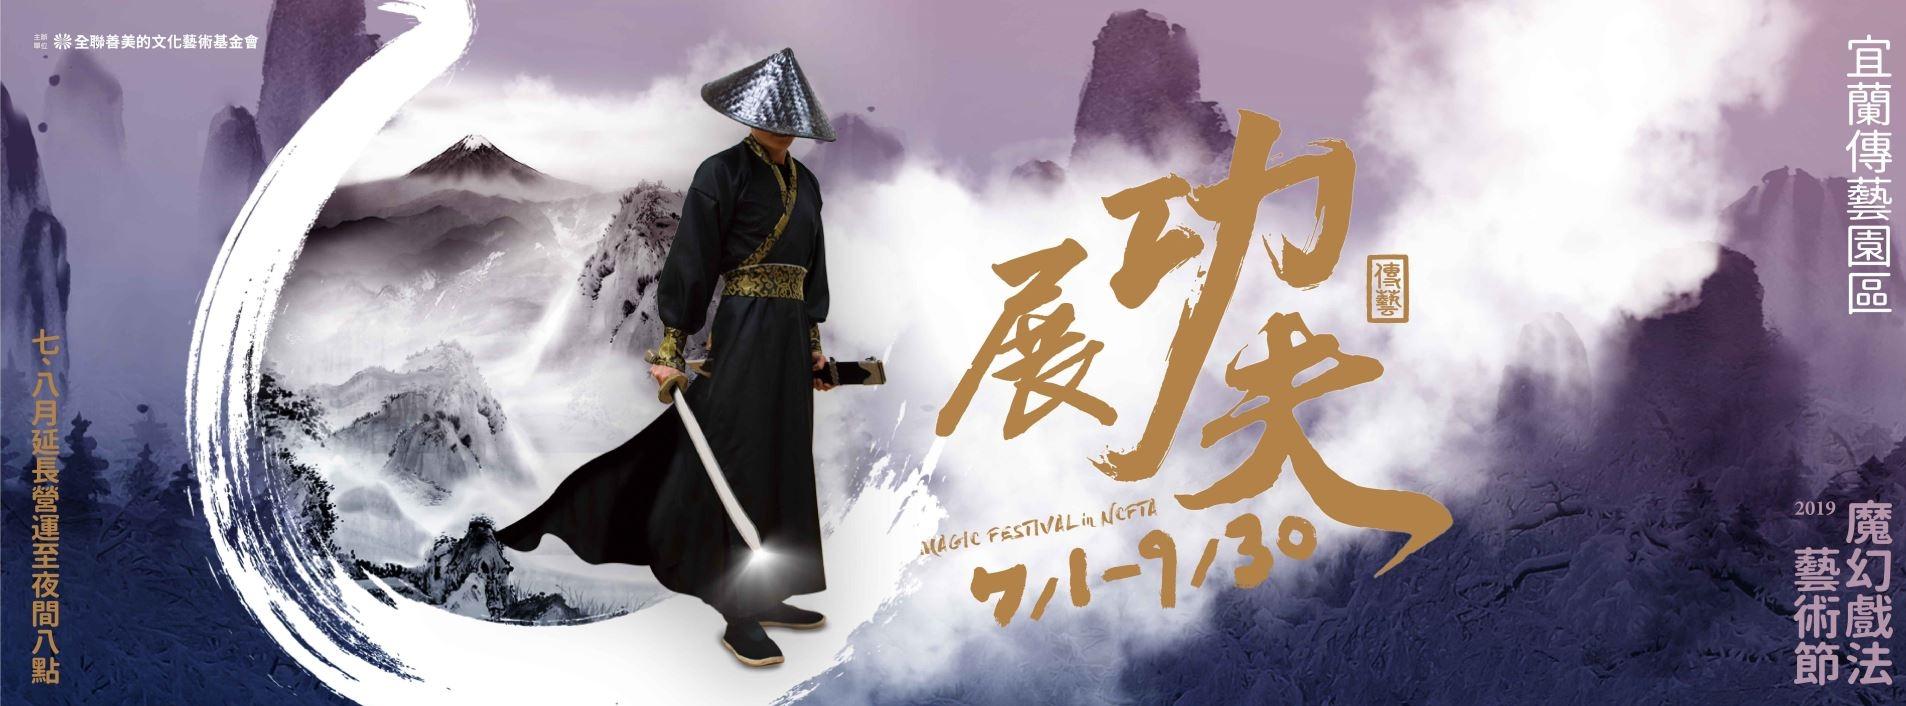 2019傳藝魔幻戲法藝術節-展功夫[另開新視窗]